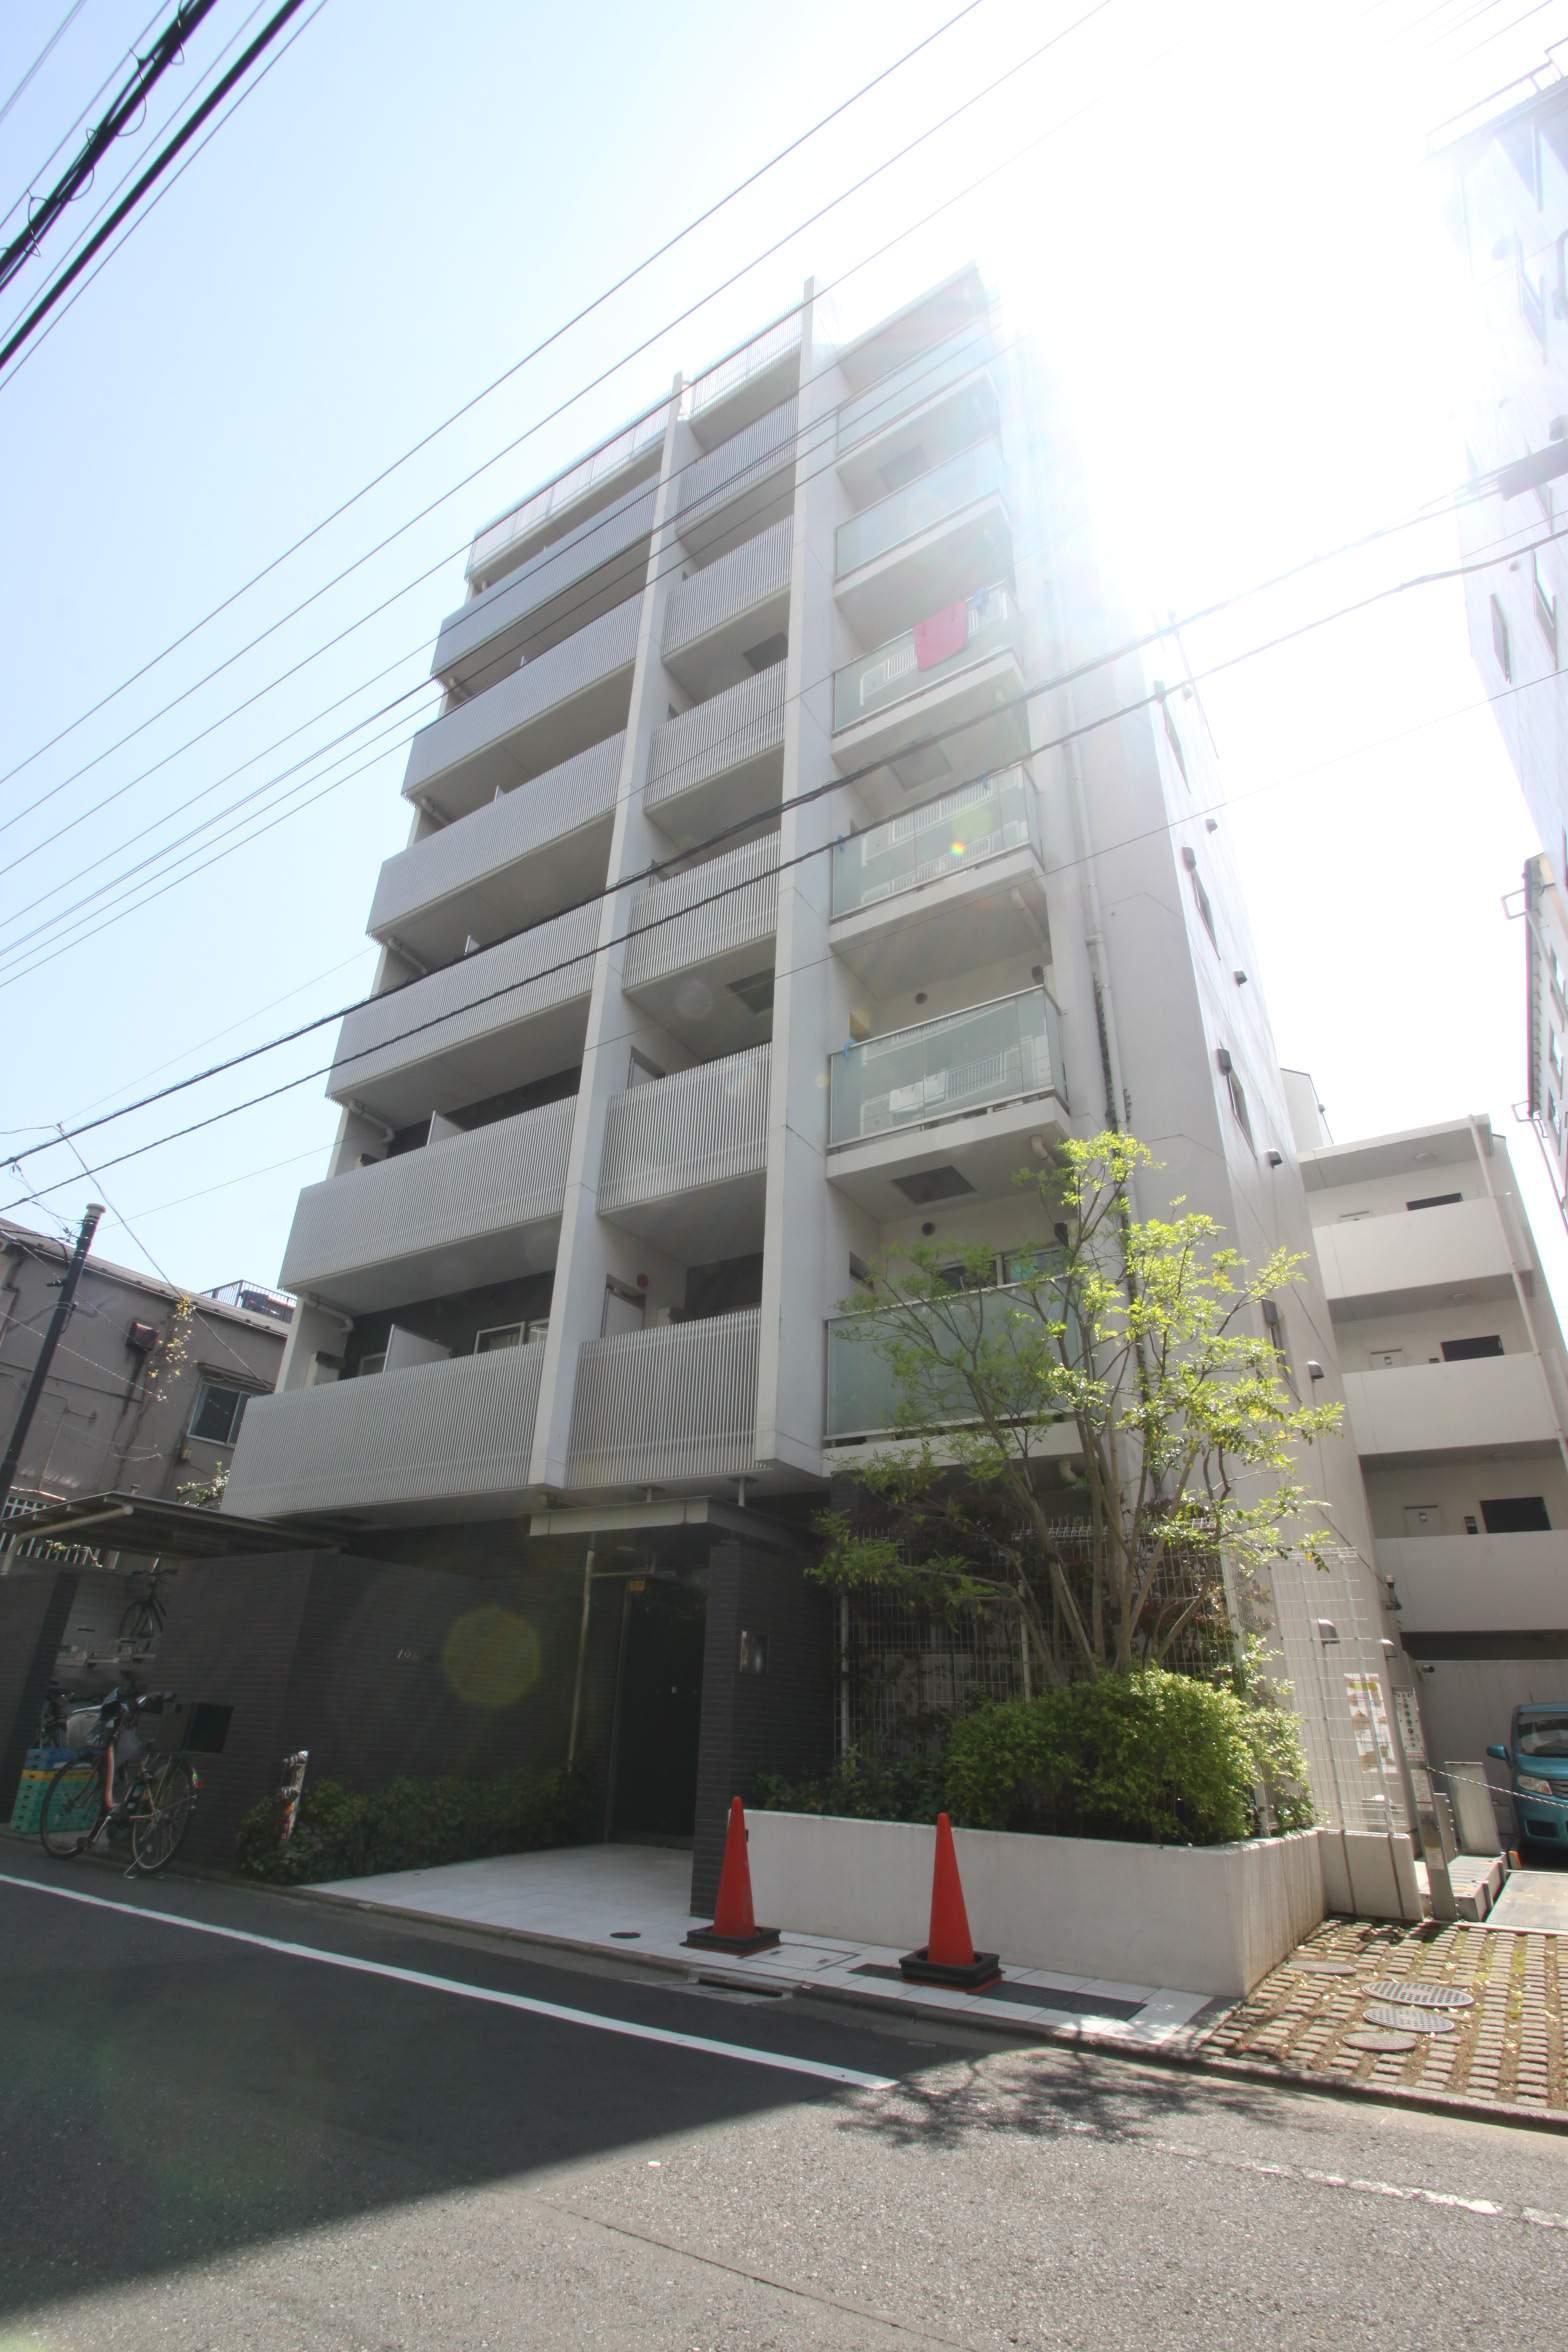 東京都江東区、越中島駅徒歩8分の築8年 8階建の賃貸マンション